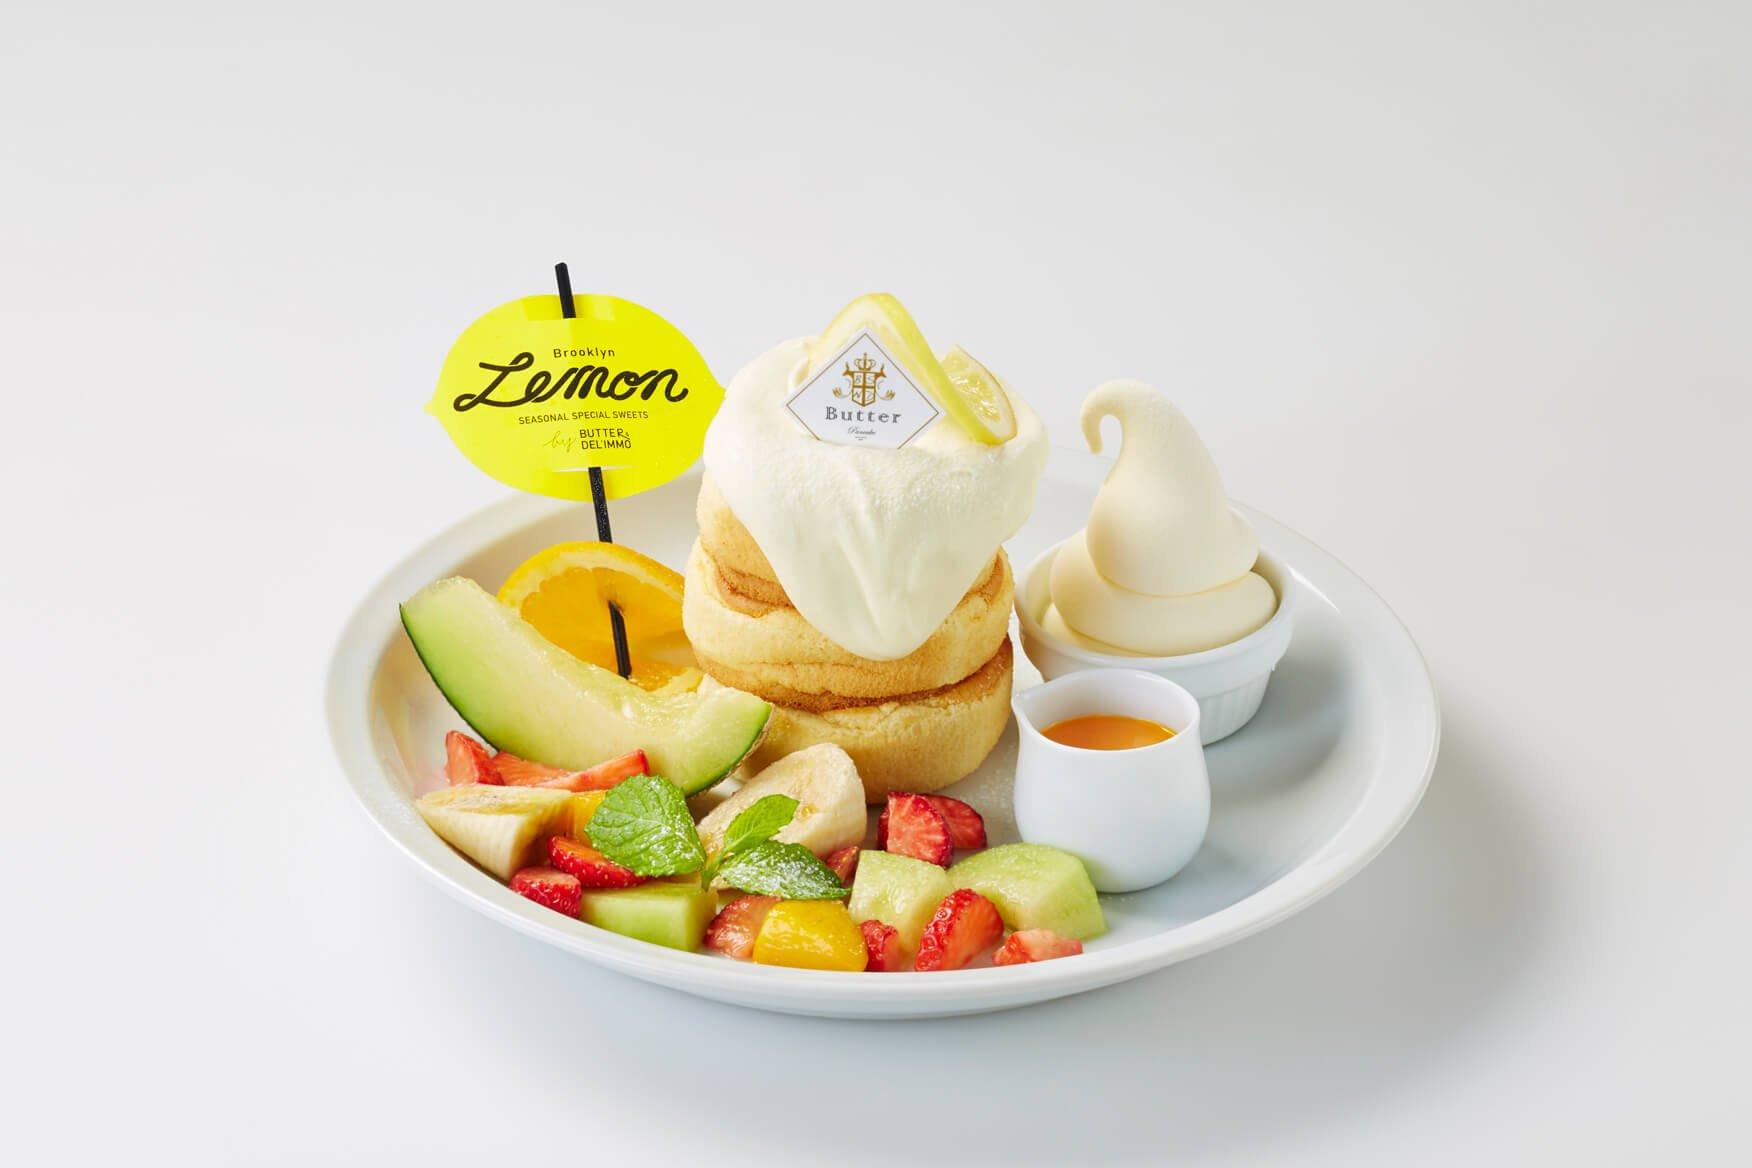 日本鬆餅專賣店「Butter」夏季菜單「Brooklyn Lemon Summer Fair」開始提供 甜點、鬆餅、